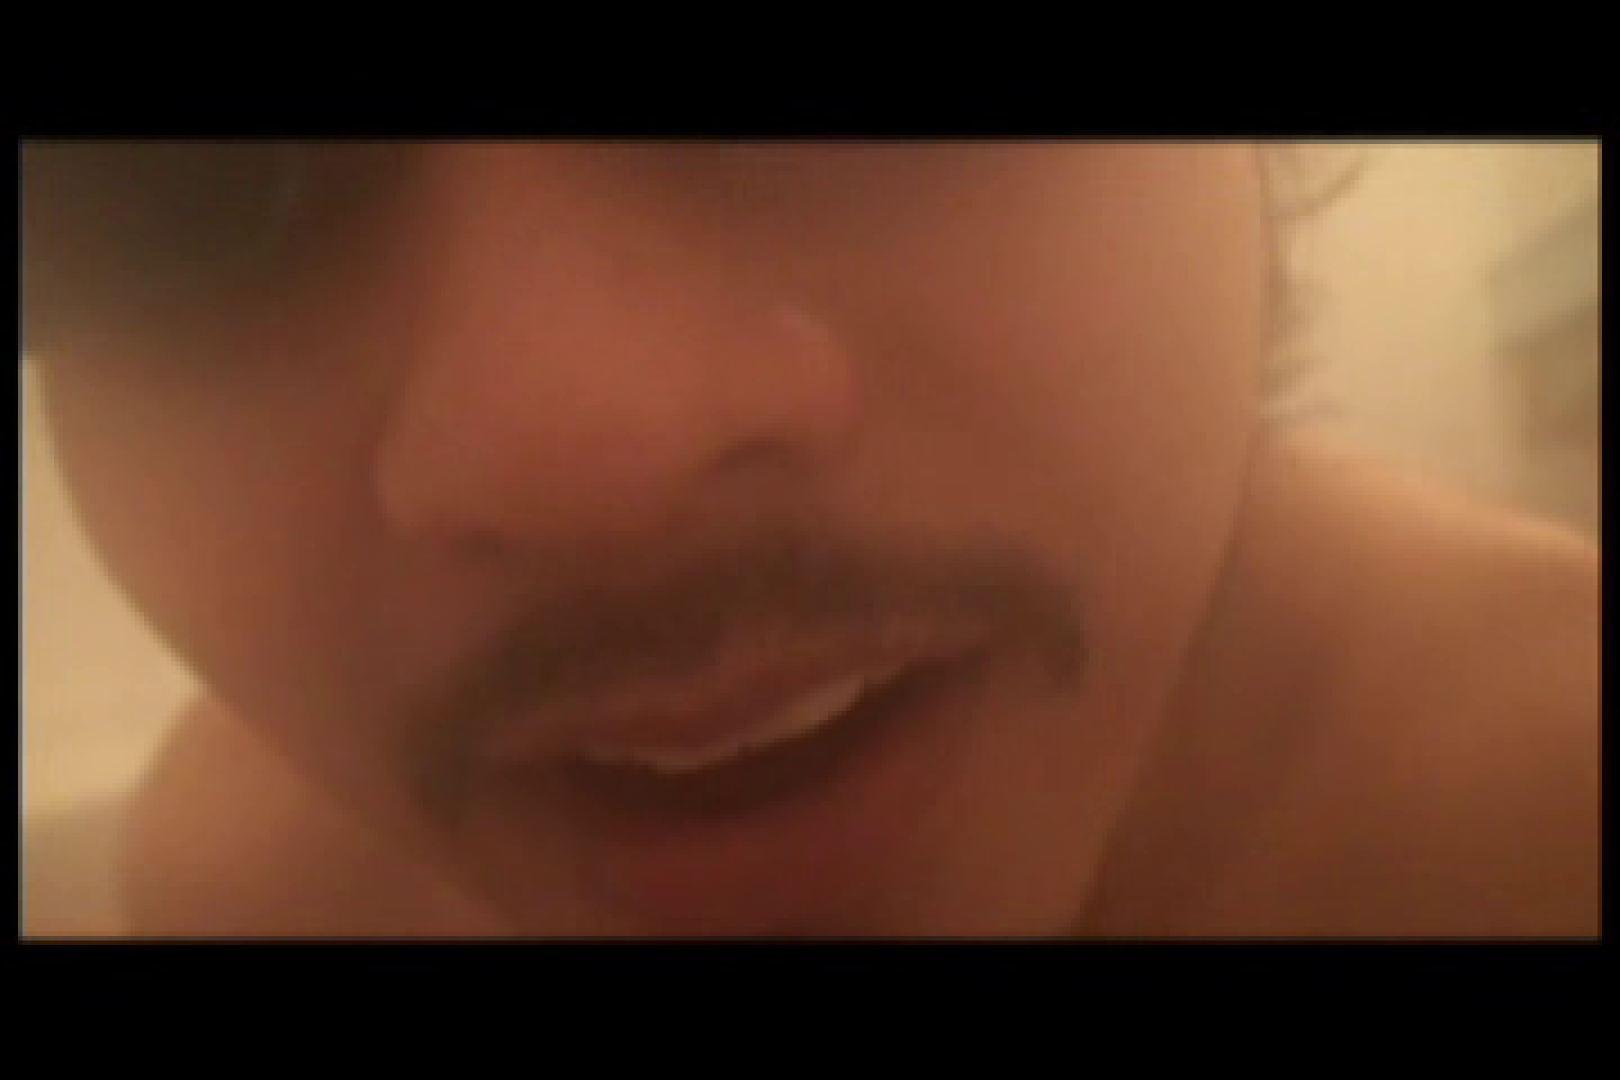 スジ筋ガチムチゴーグルマンvol3 発射シーン 男同士動画 80枚 52